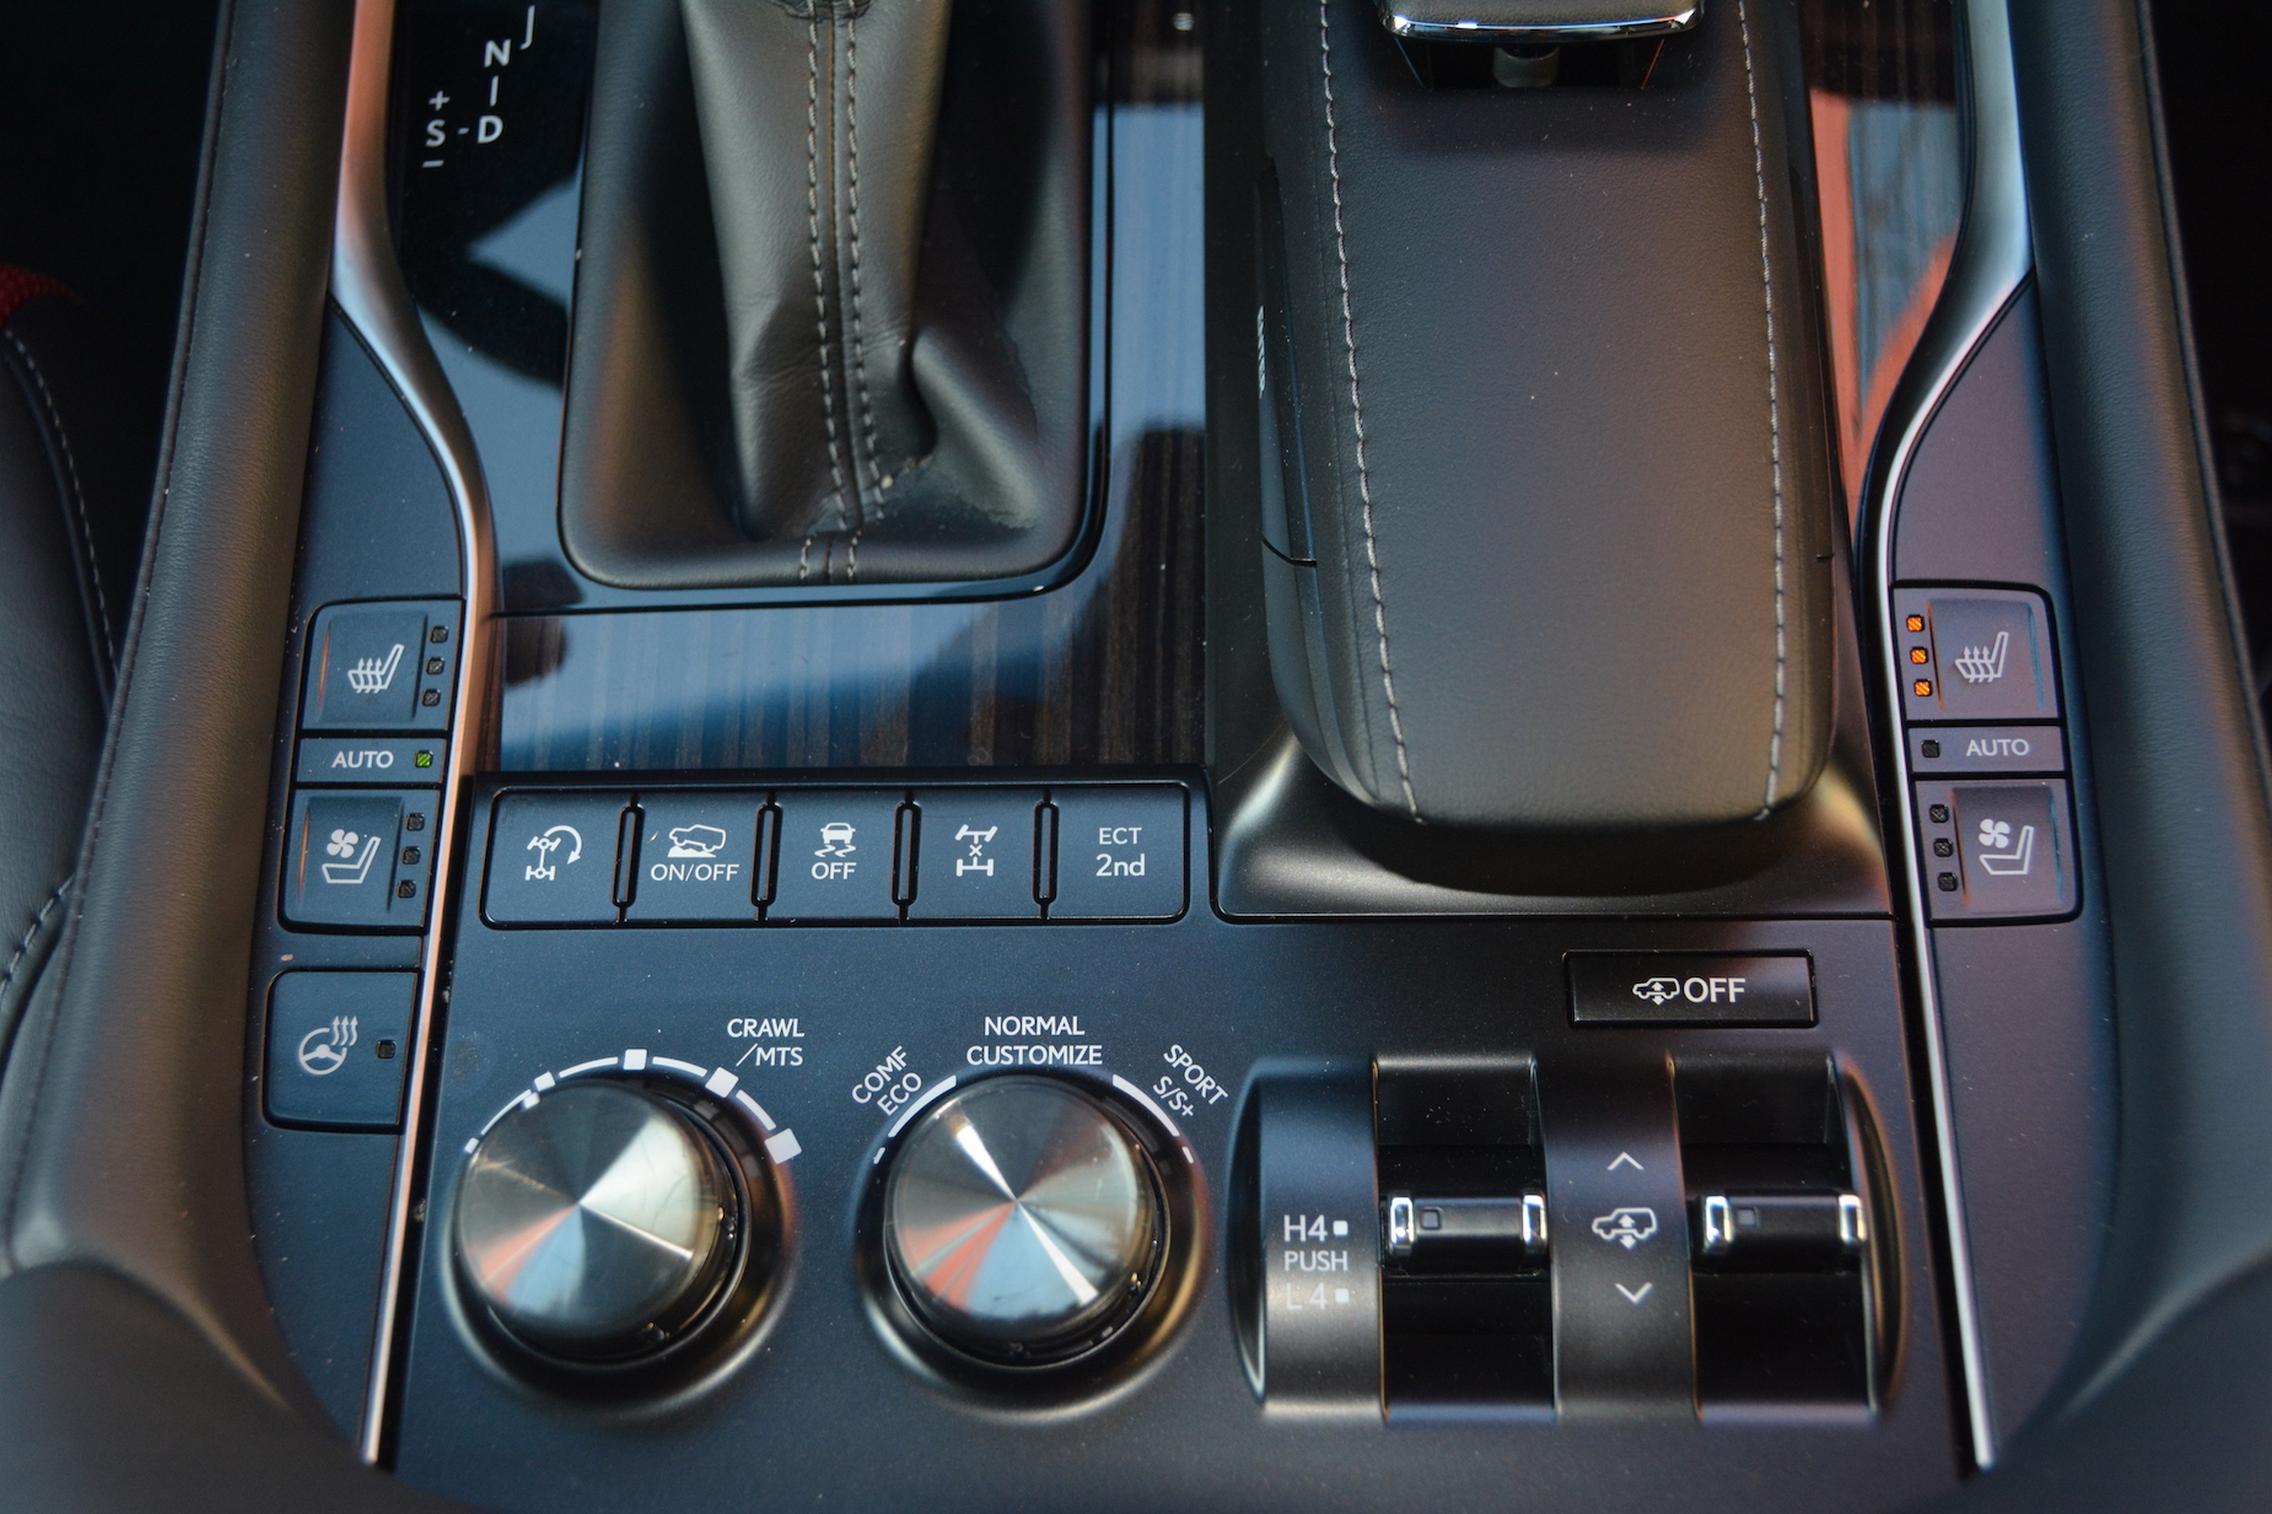 2021 Lexus LX570 center console